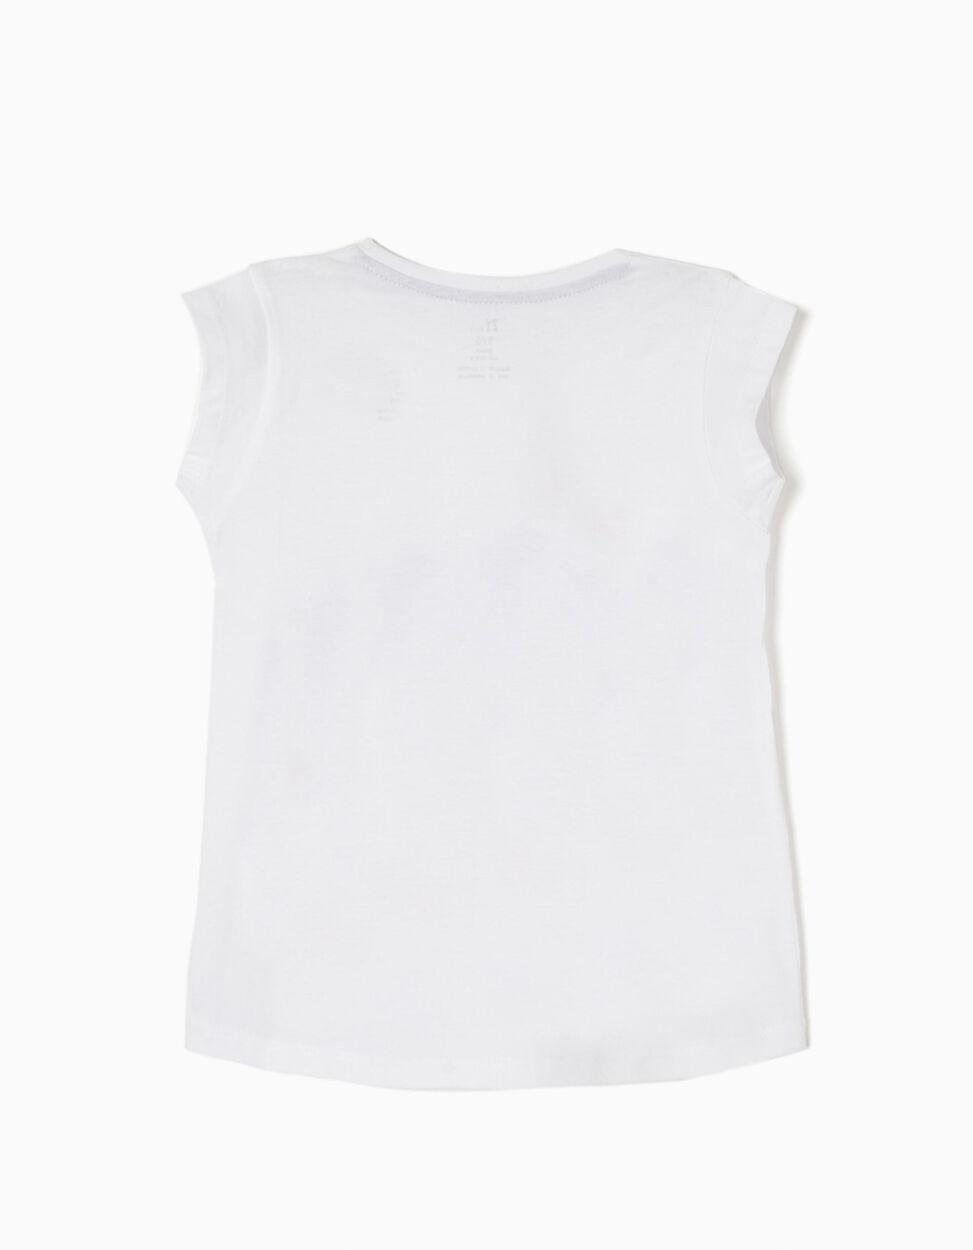 T-shirt La Plage